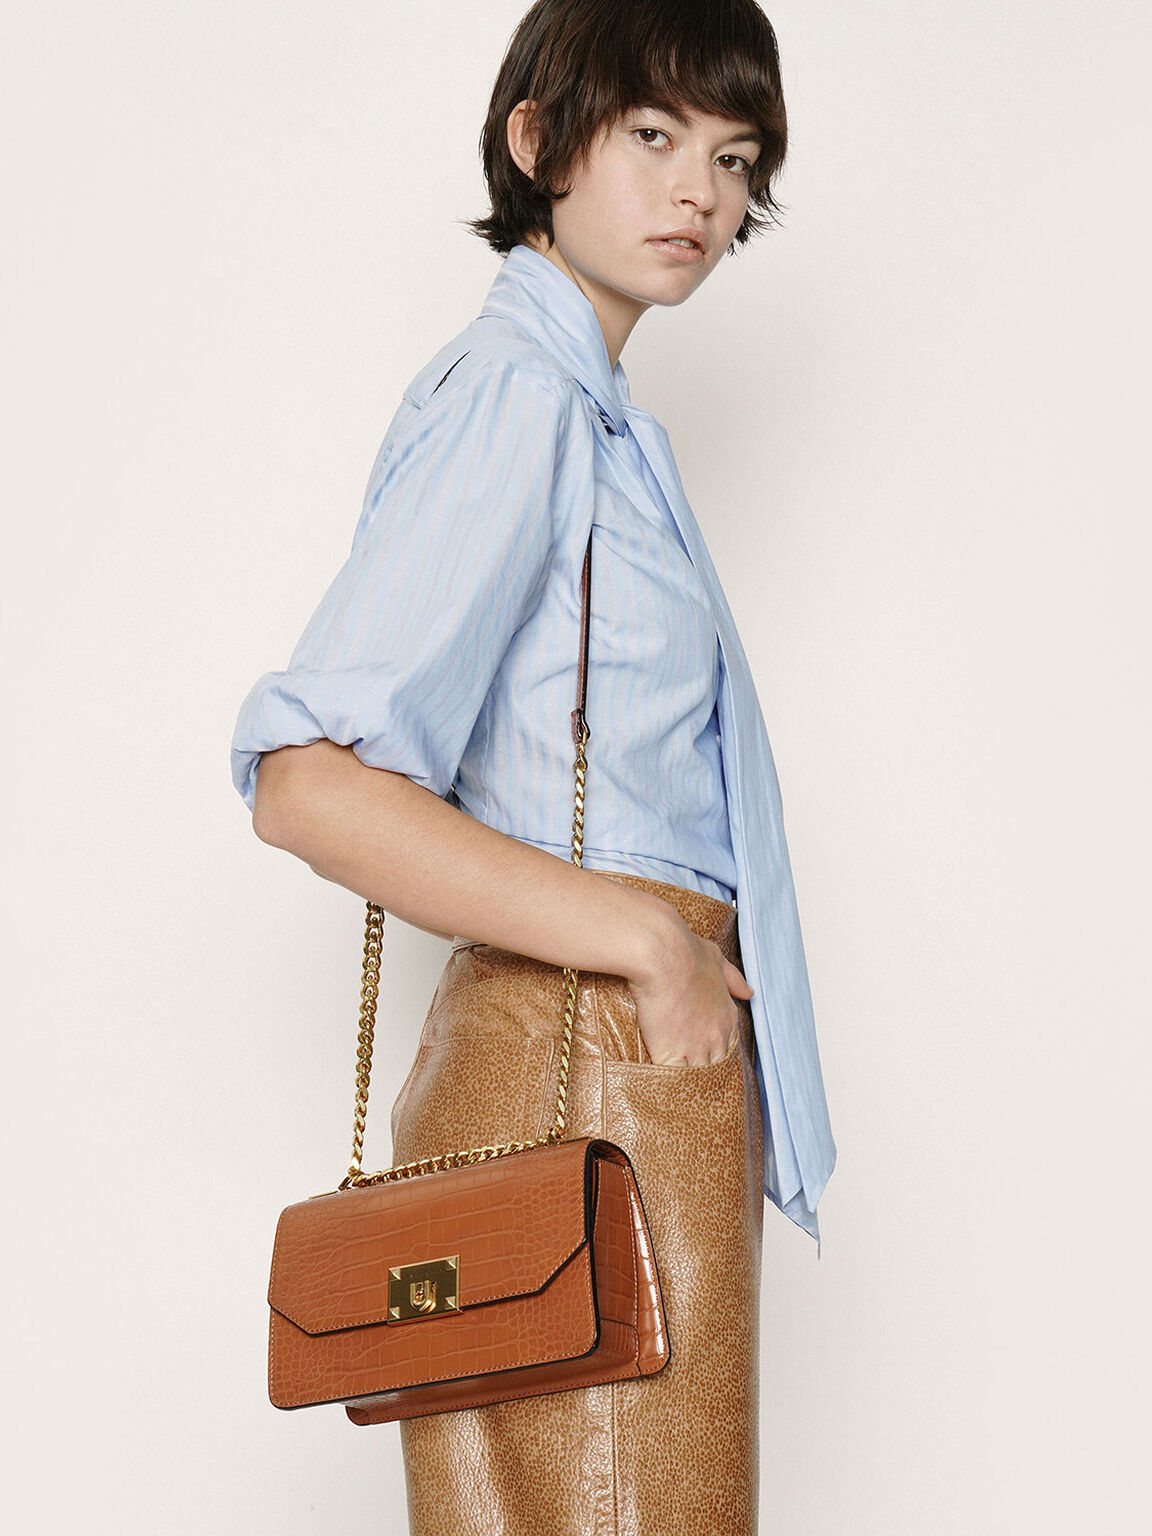 Croc-Effect Chain Strap Crossbody Bag, Cognac, hi-res